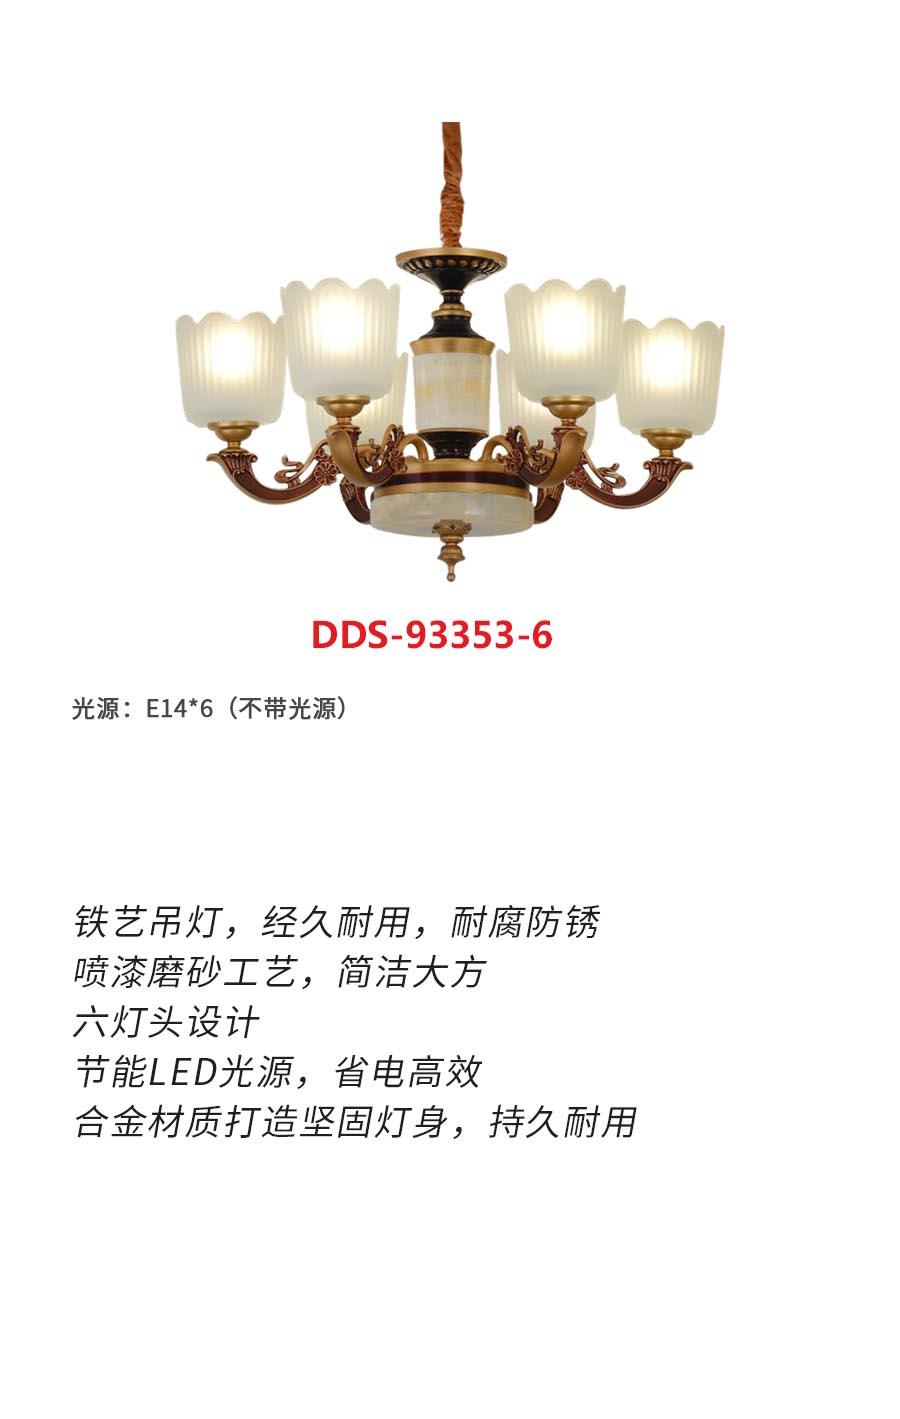 DDS-93353-6b.jpg